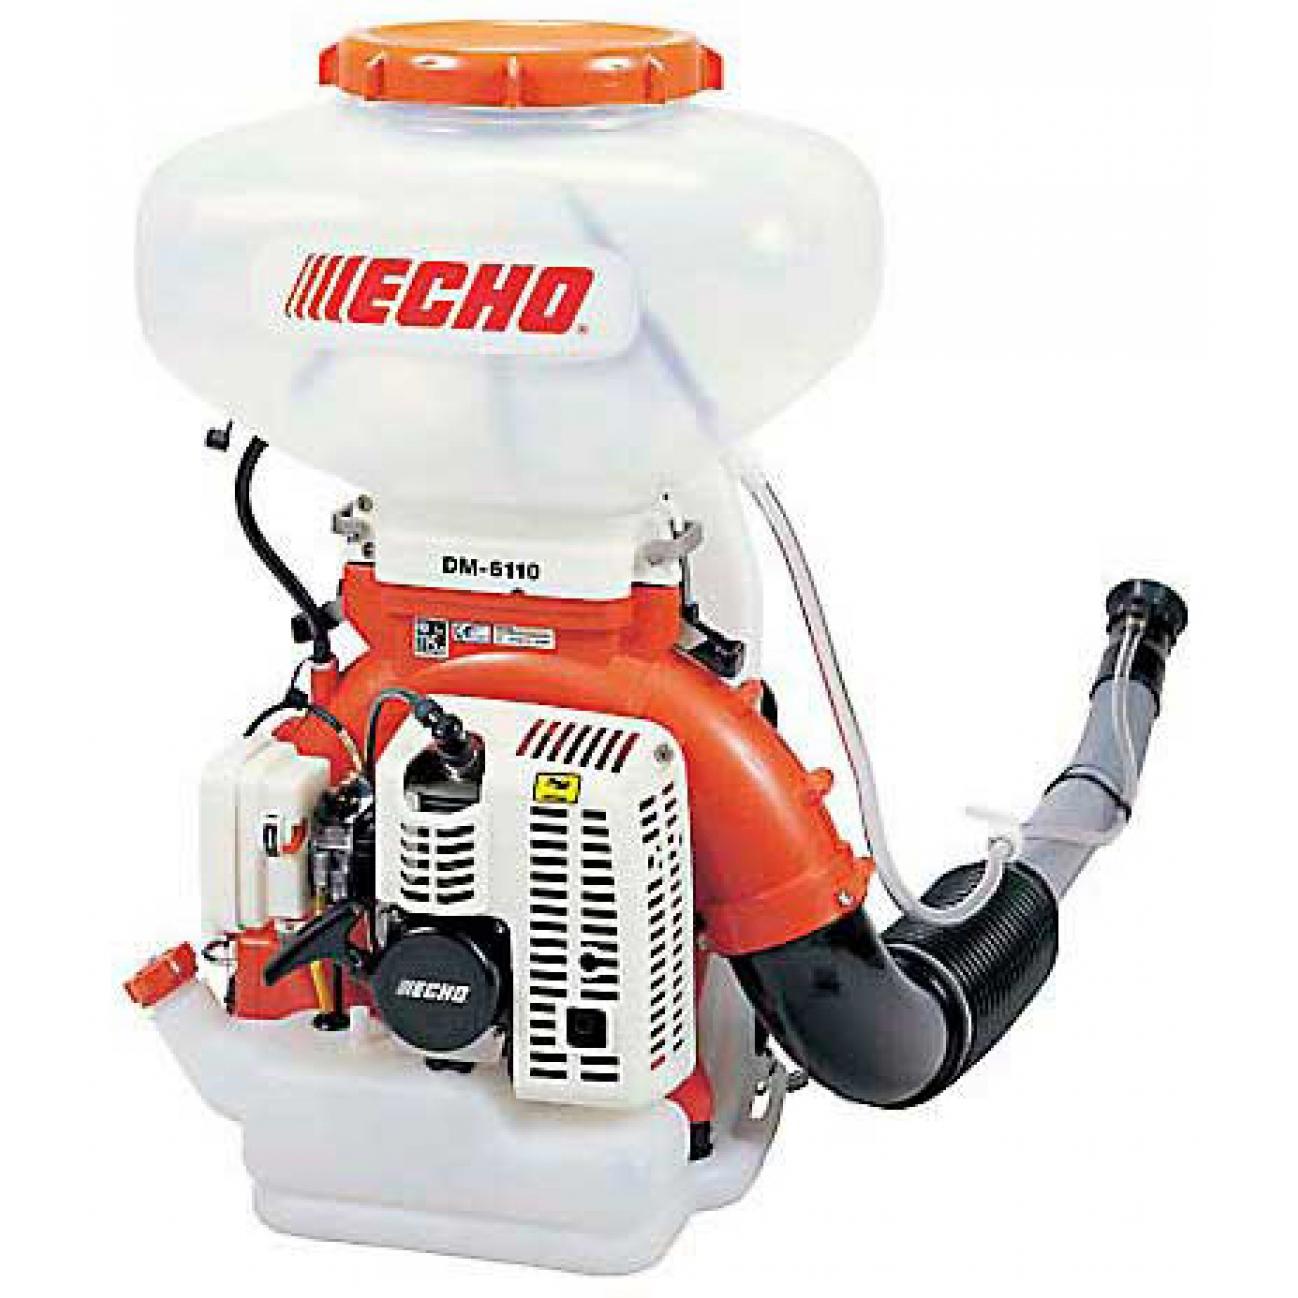 Опрыскиватель ECHO DM-6110Садовые опрыскиватели<br><br><br>Тип: опрыскиватель<br>Тип двигателя: бензиновый<br>Объем двигателя, см3: 58.2<br>Объем бака: 13 л